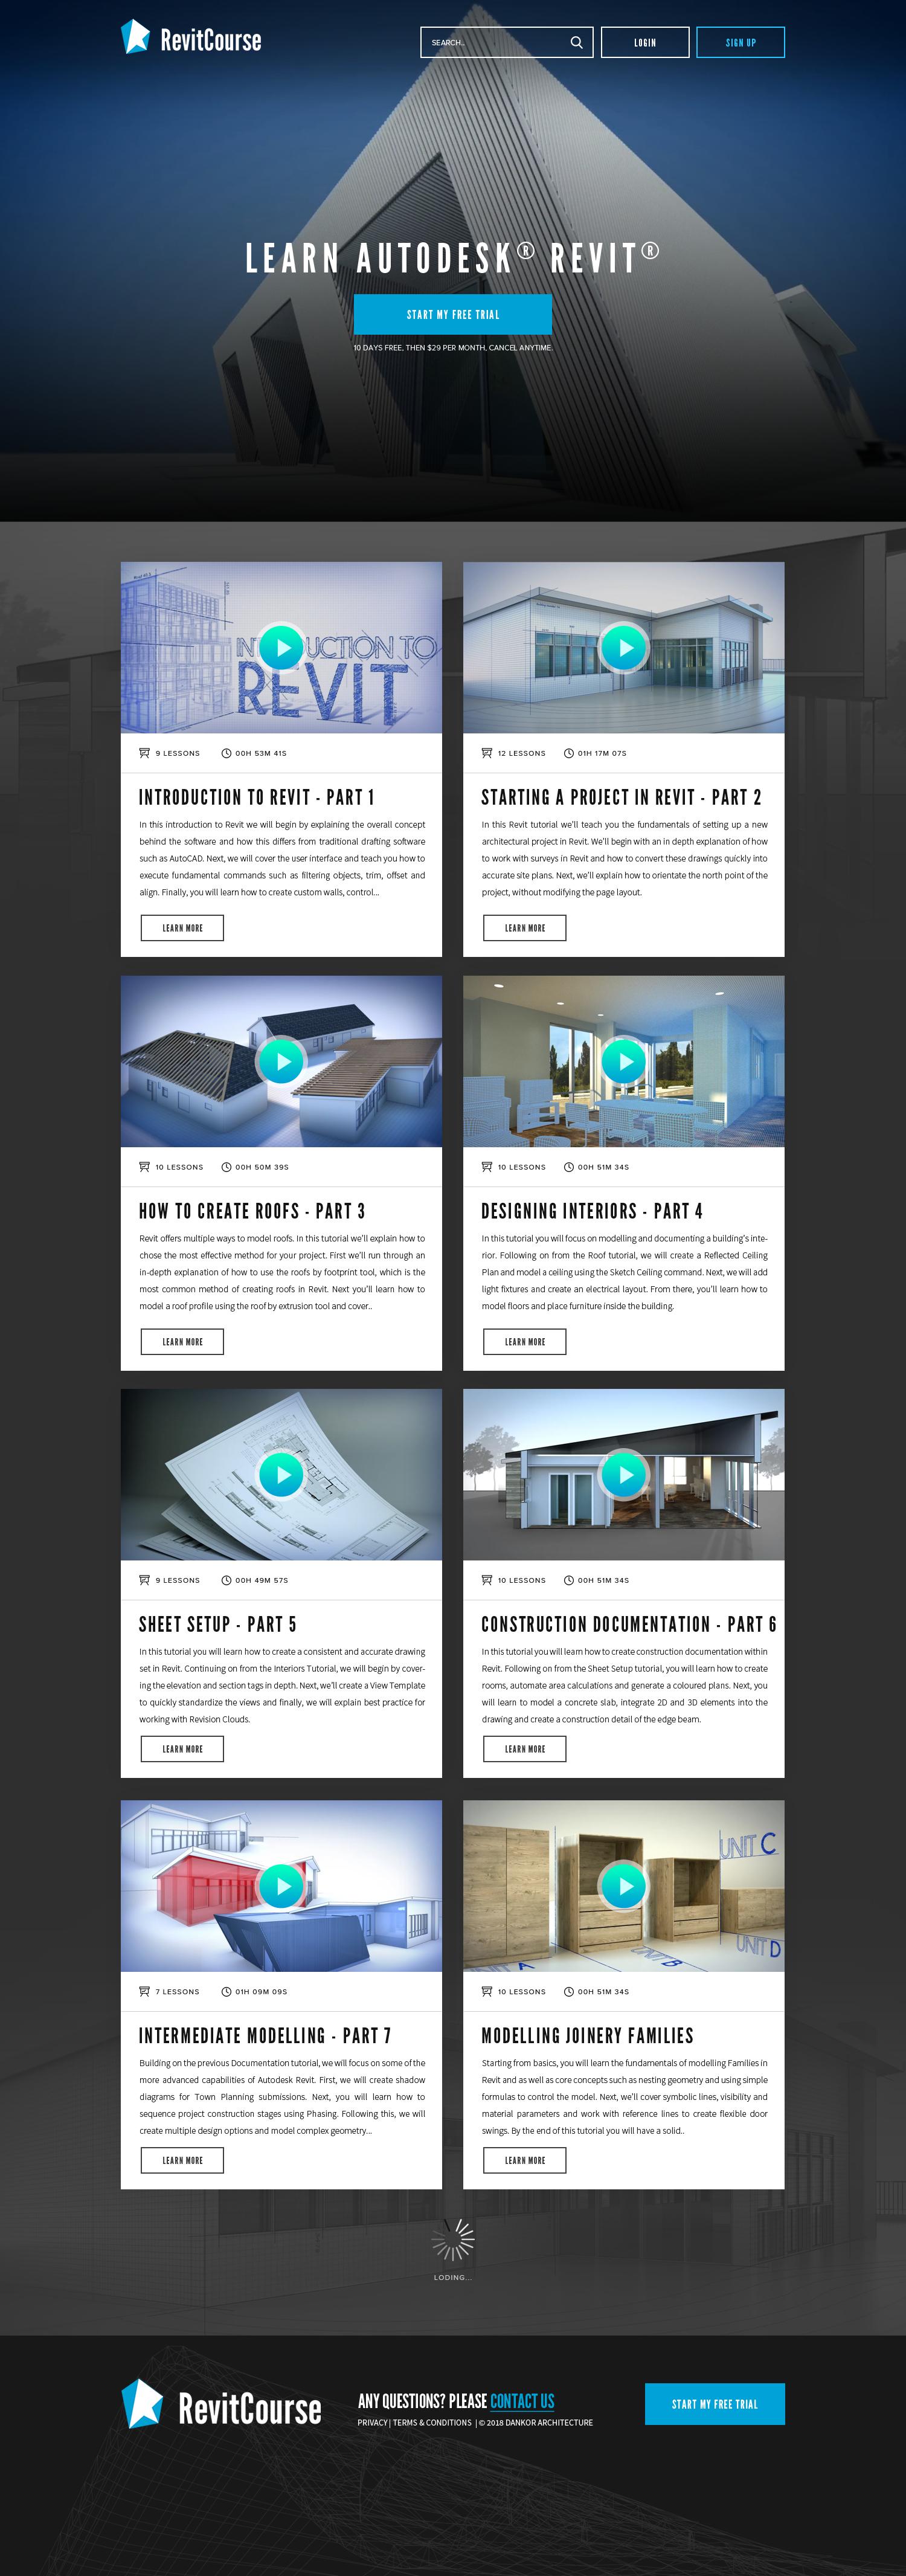 Revitcourse.com re-design